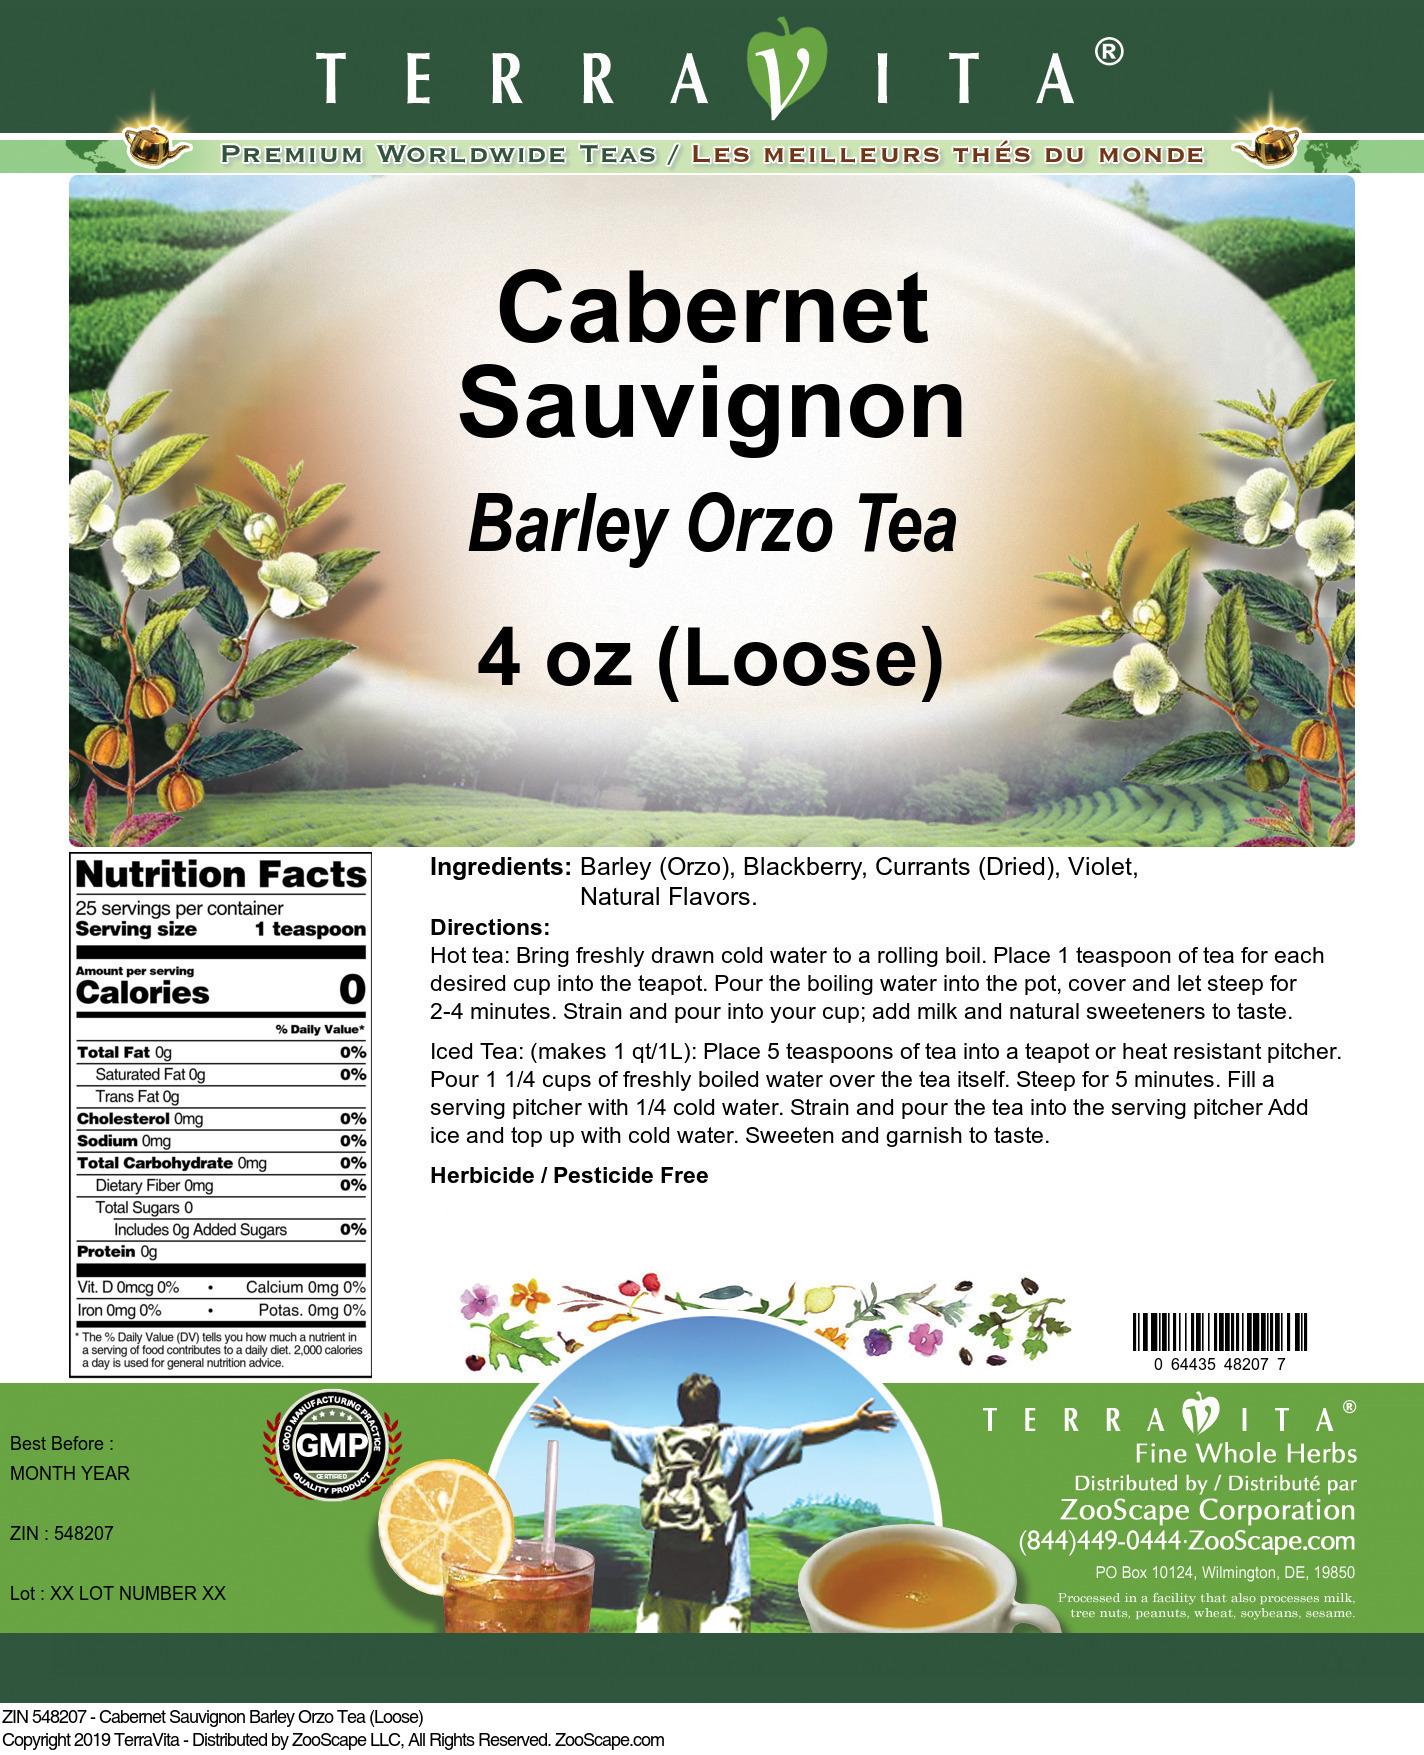 Cabernet Sauvignon Barley Orzo Tea (Loose)